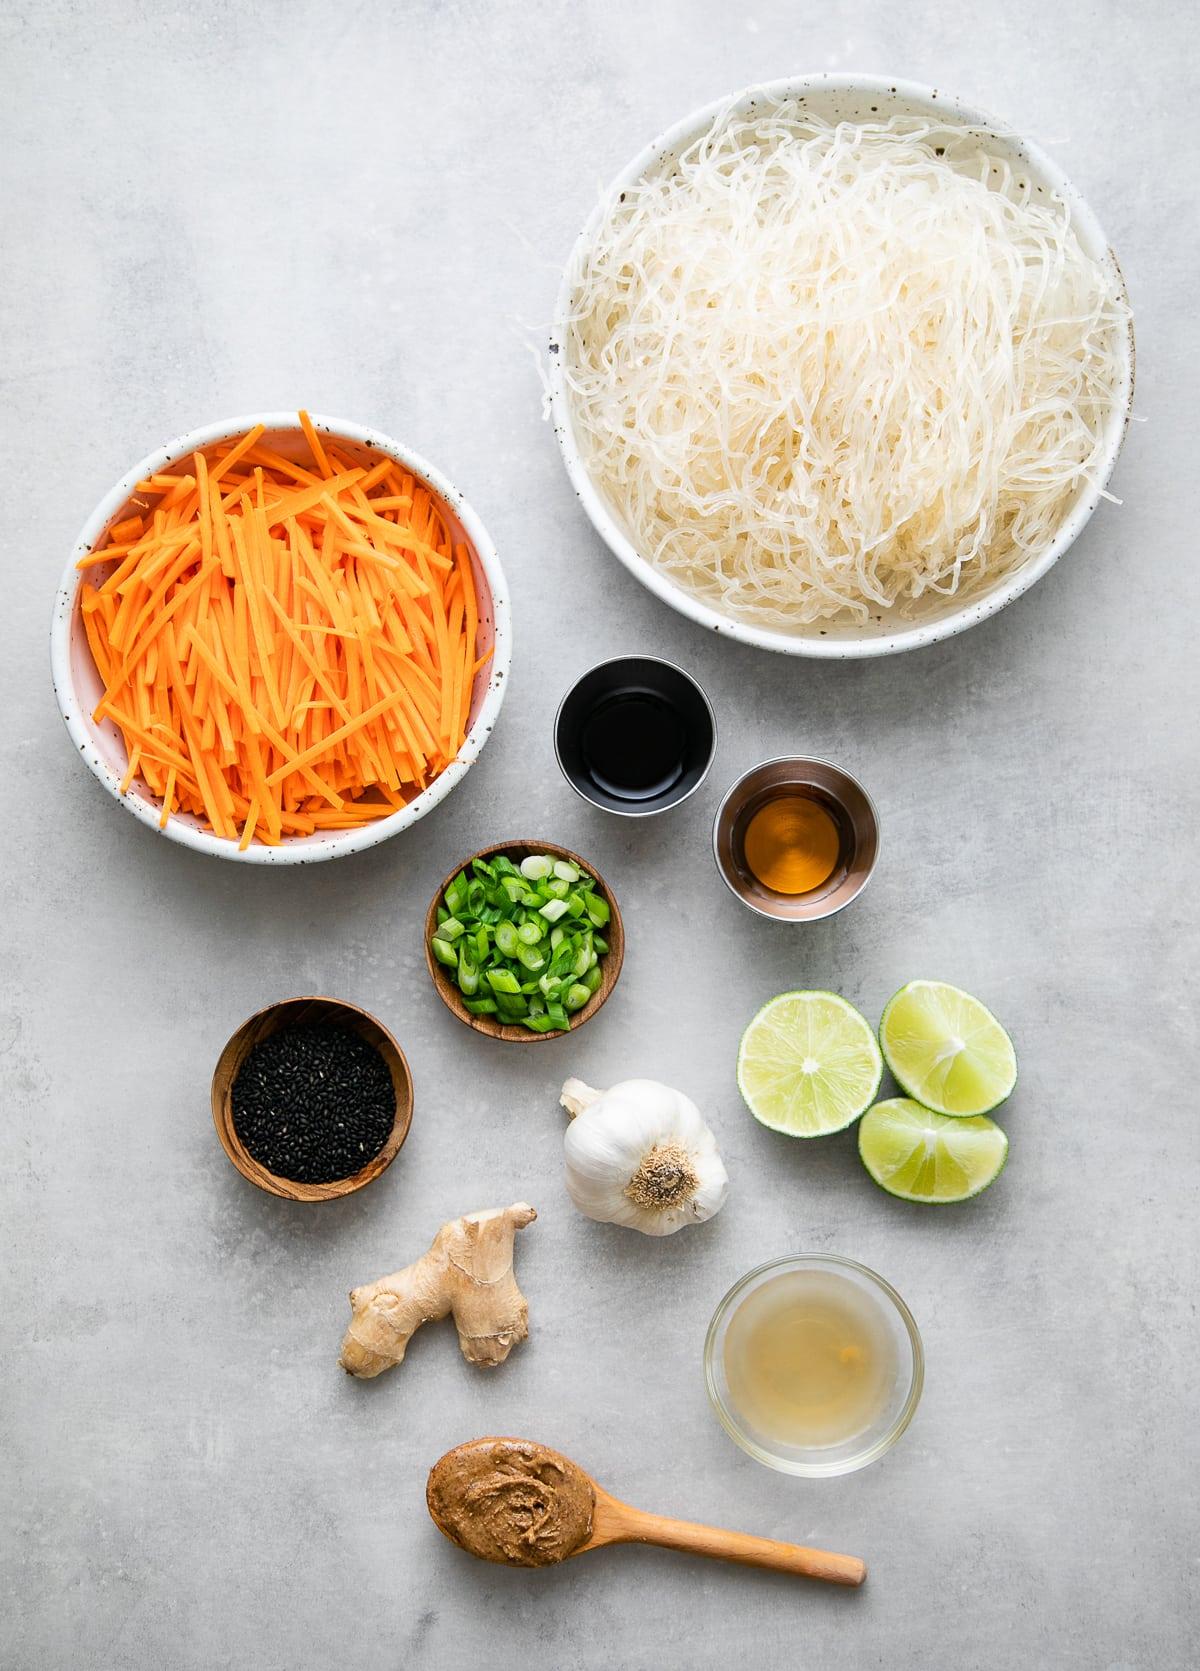 top down view of ingredients used to make healthy kelp noodle salad.